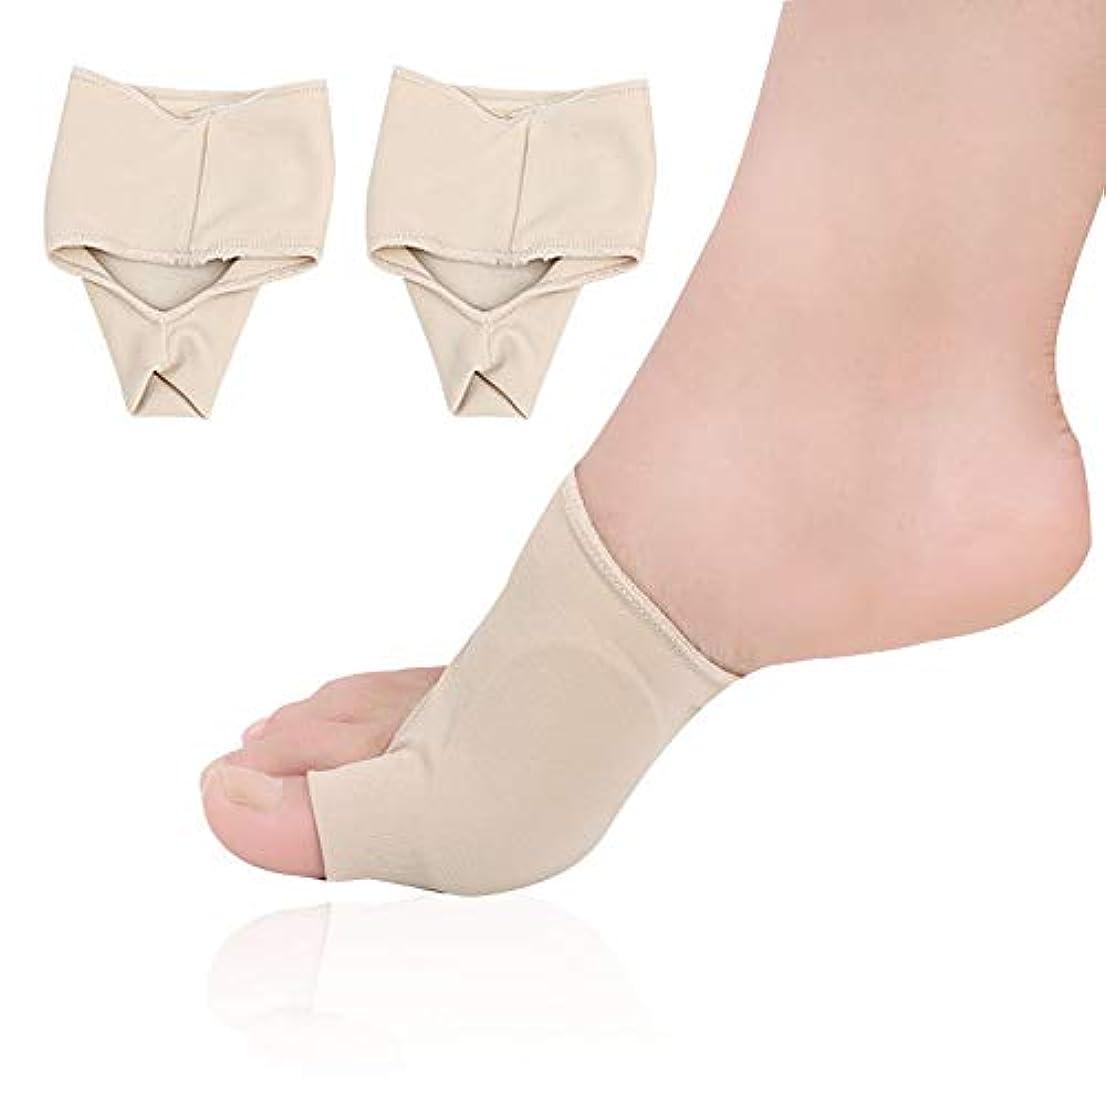 コード羊芝生つま先矯正靴下ケアつま先防止重複伸縮性の高いダンピング吸収汗通気性ライクラSEBS布,5pairs,L